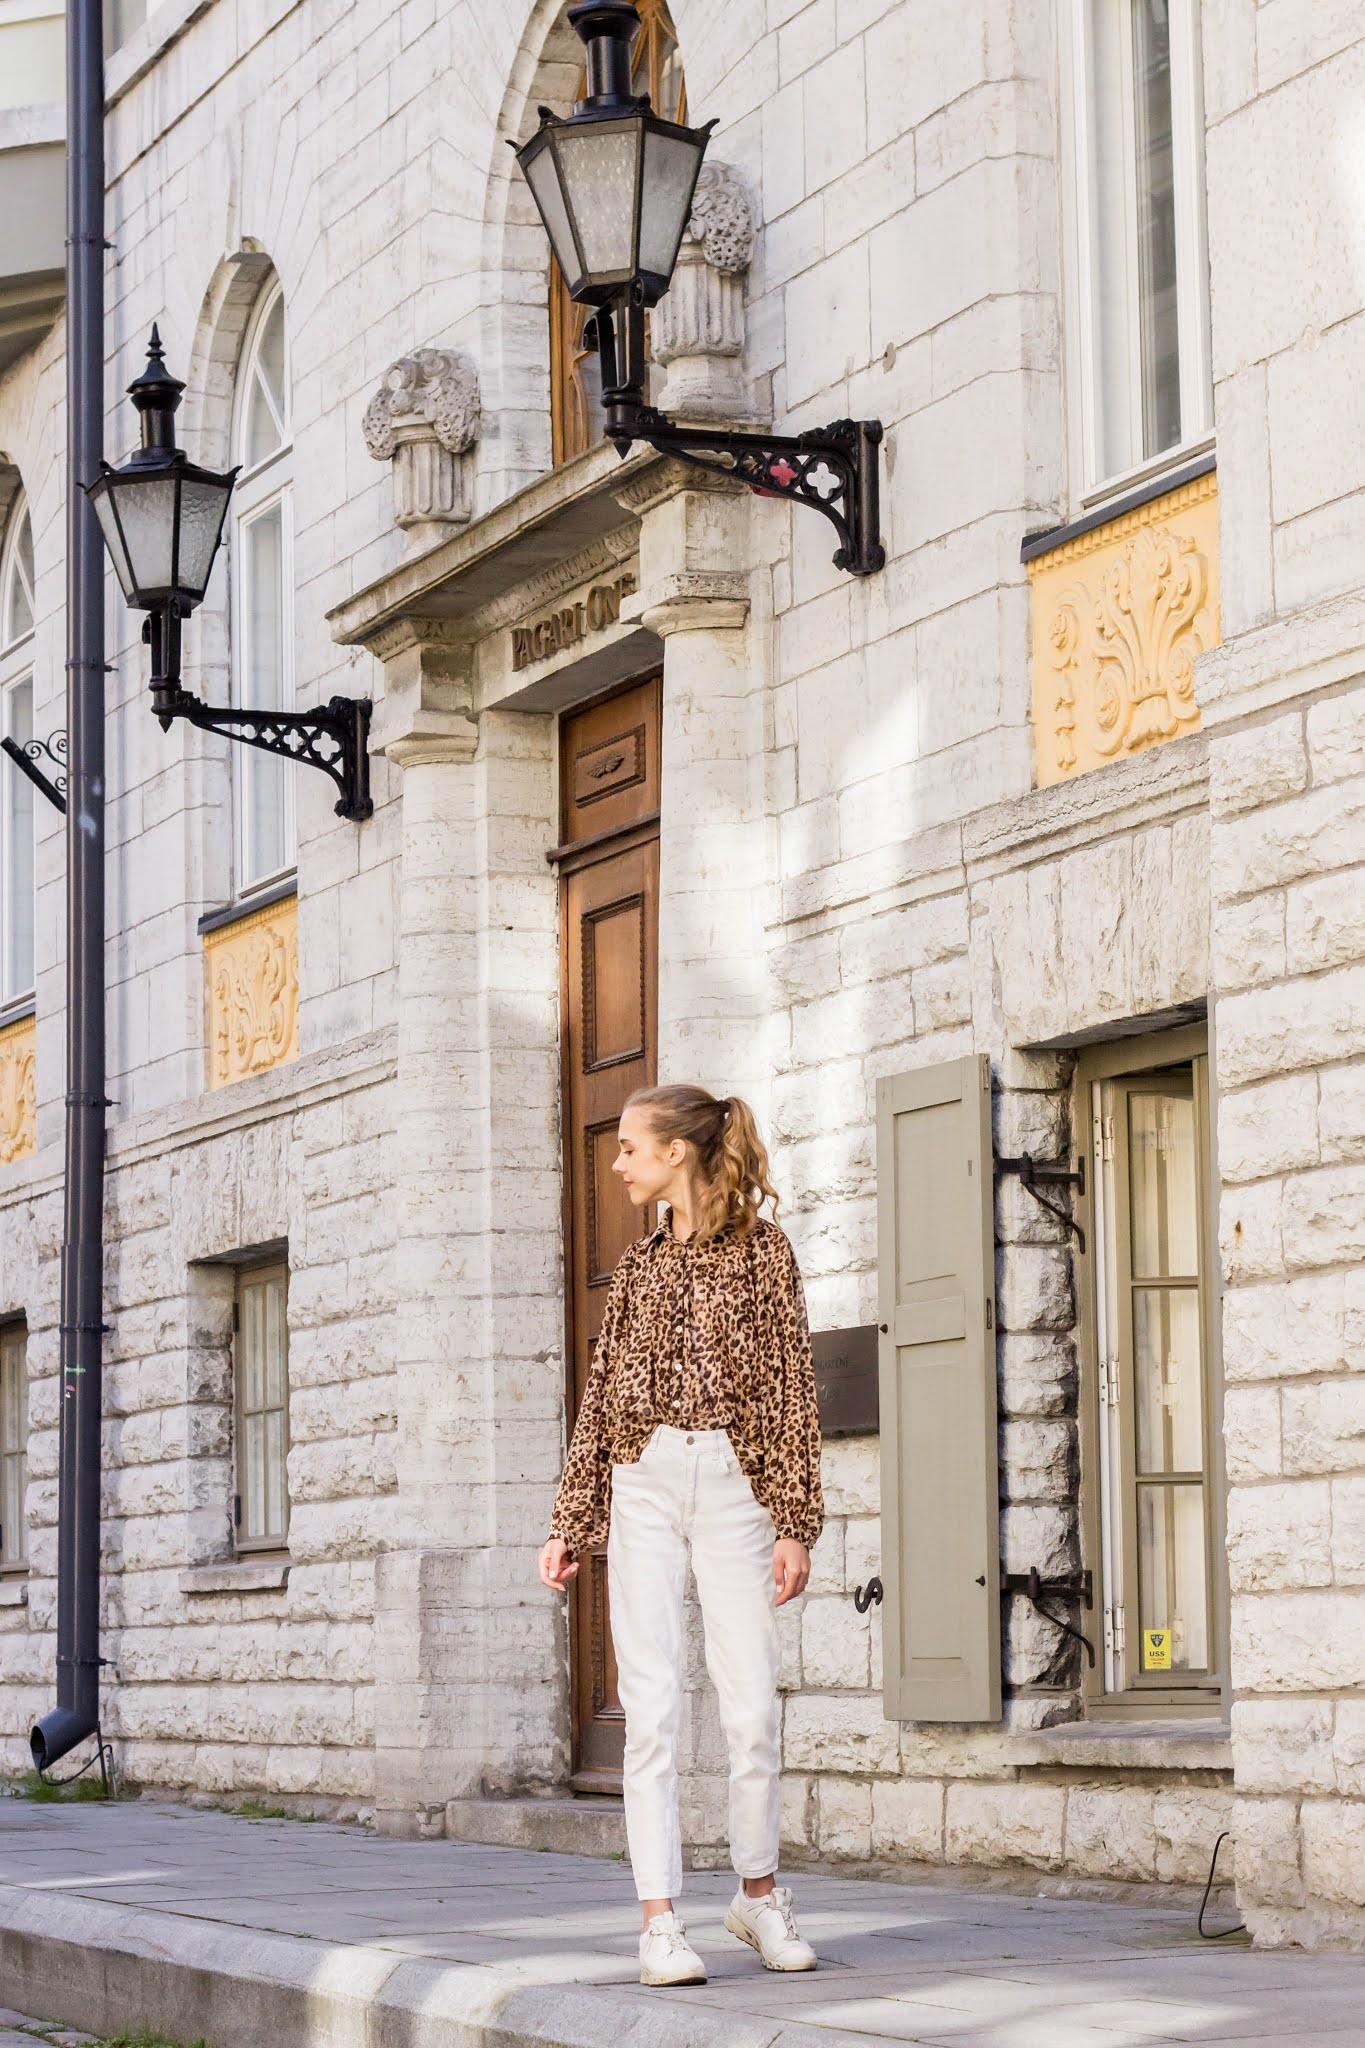 Autumn fashion and style questions - Kysymyksiä syysmuodista ja tyylistä